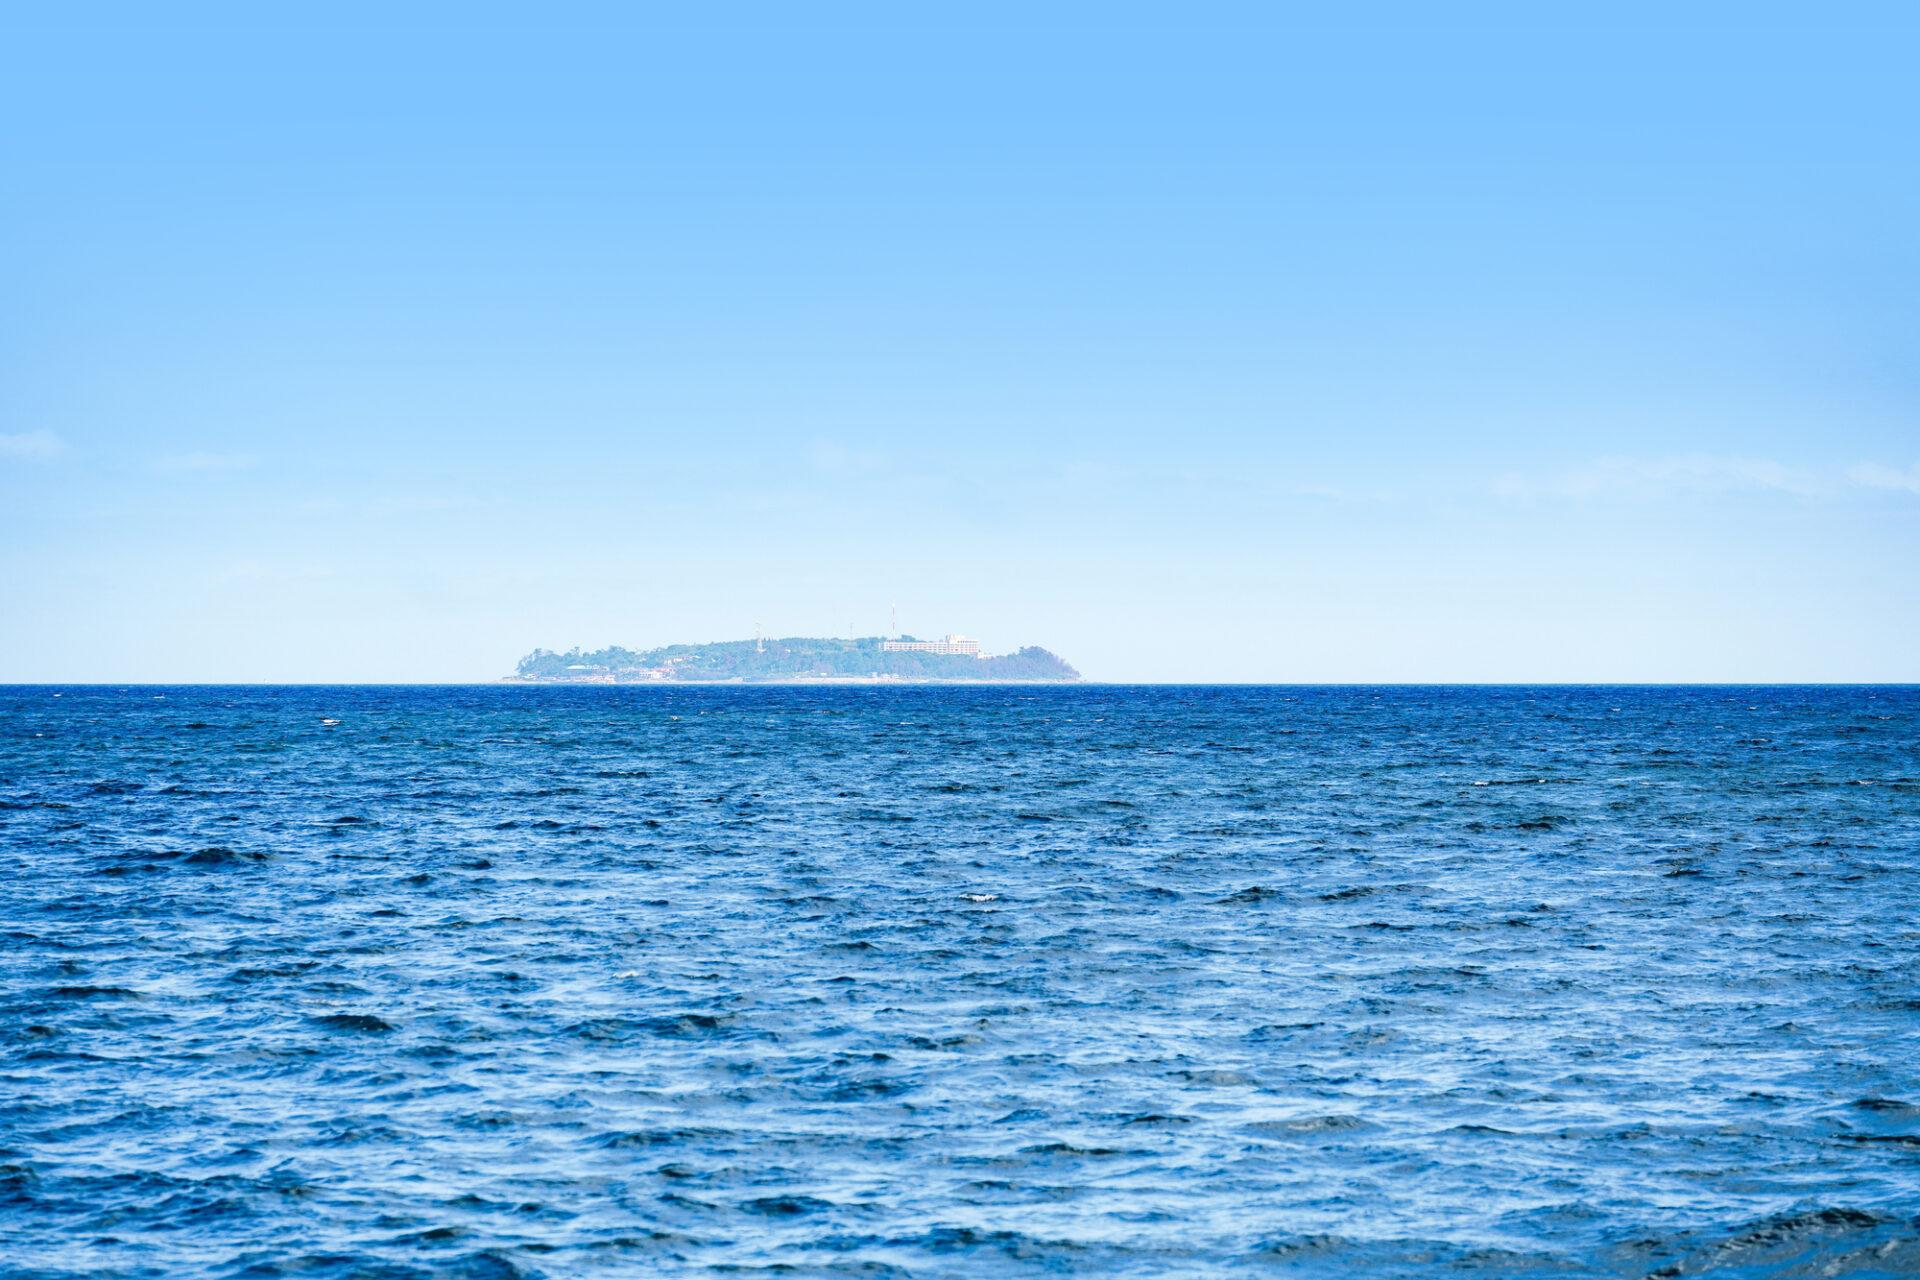 島が見える海